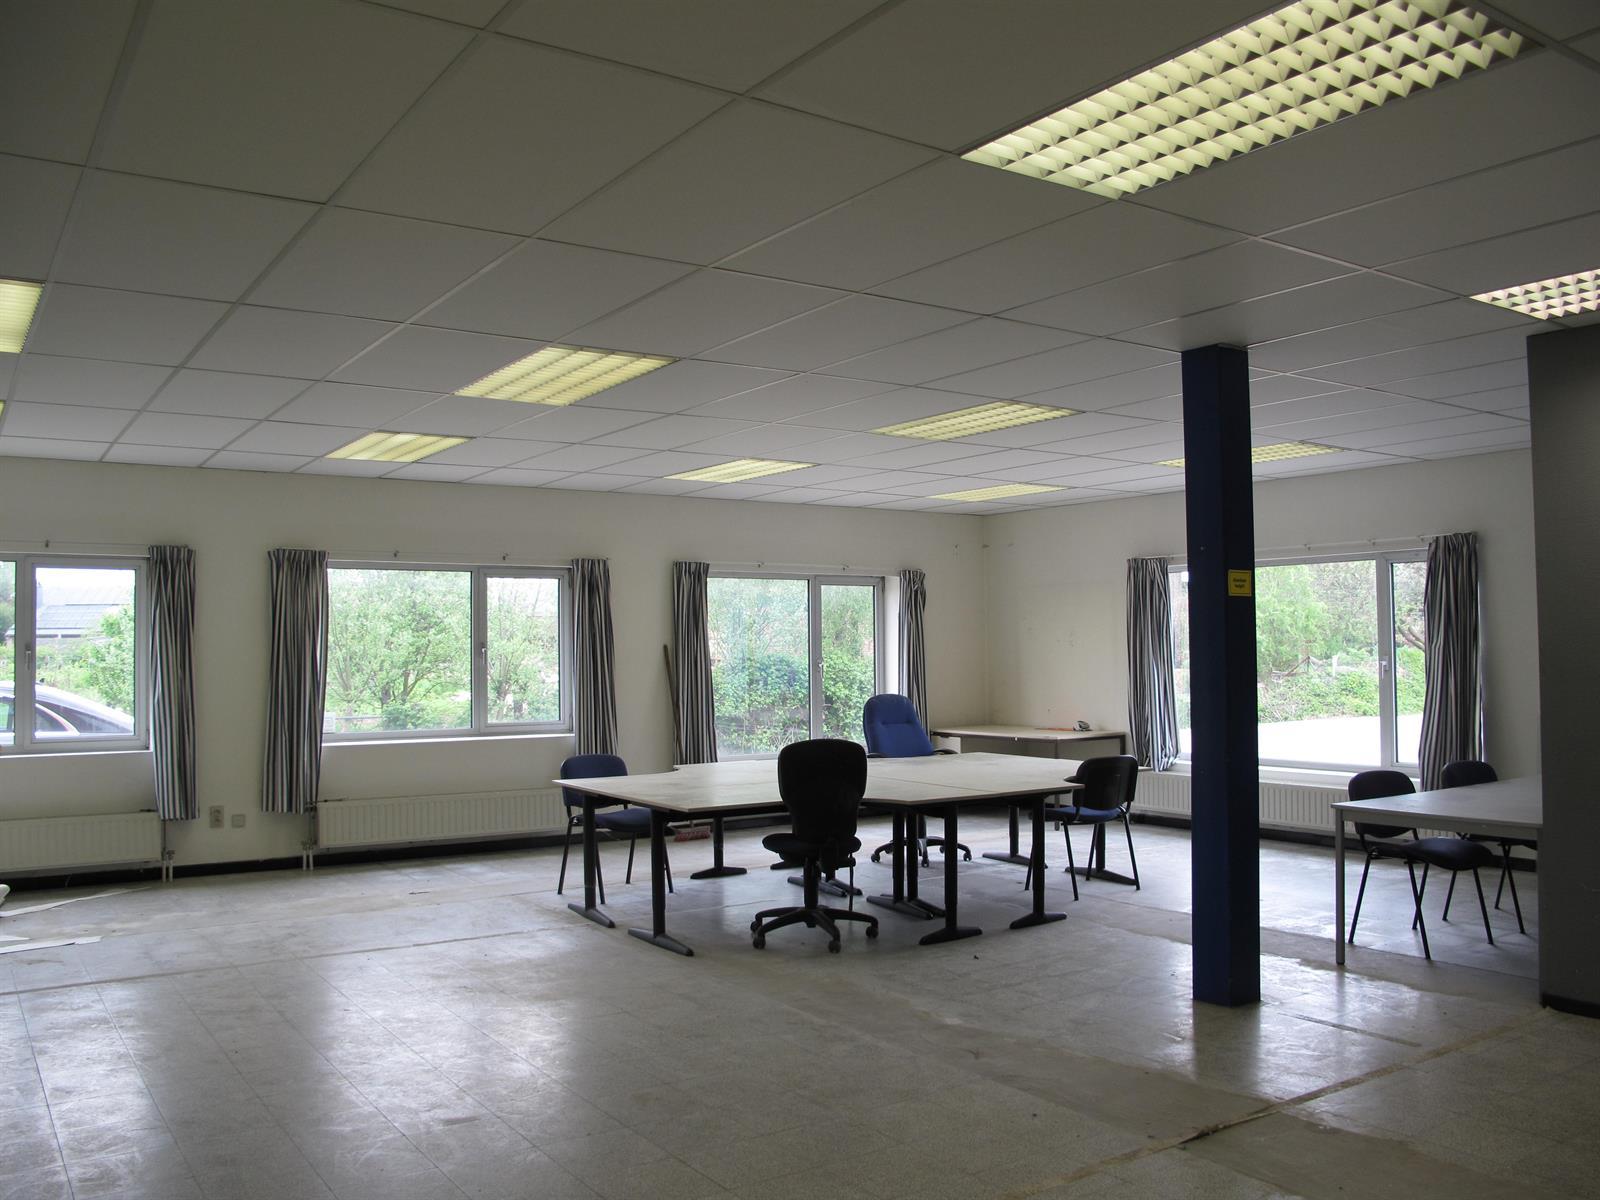 kantoor te huur Kantoor - Rollebeekstraat 16, 2160 Wommelgem, België 3